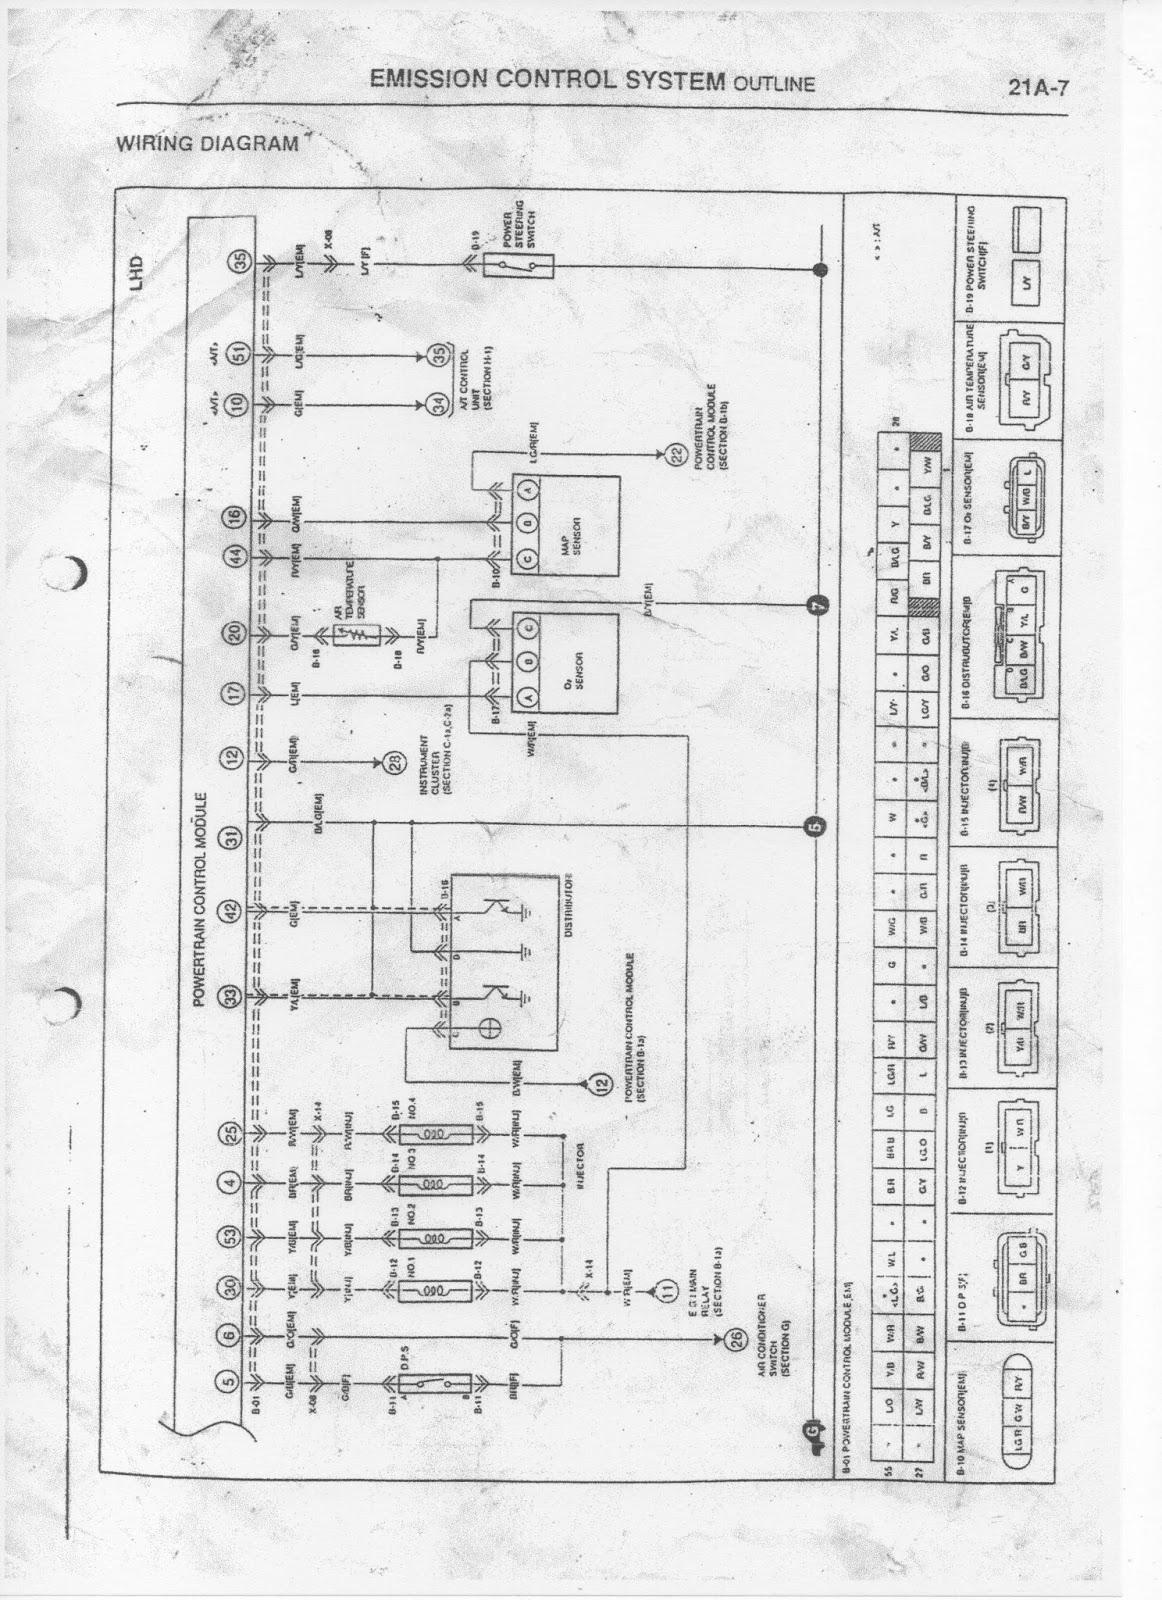 wiring diagram kia sephia master mobil efiwiring diagram kia sephia [ 1162 x 1600 Pixel ]